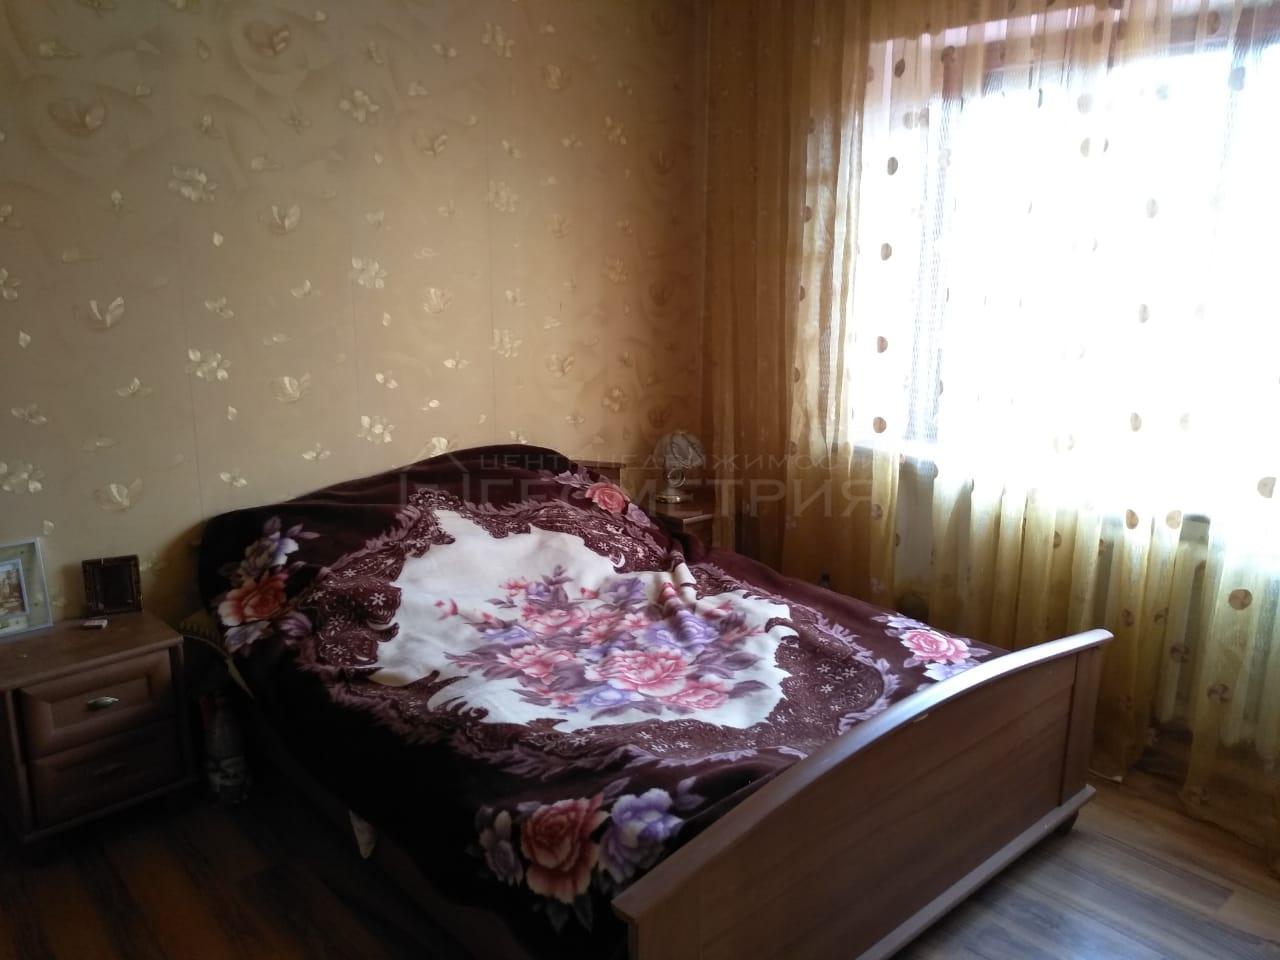 Продам дом по адресу Россия, Краснодарский край, городской округ Краснодар, Краснодар, Троицкая улица фото 15 по выгодной цене